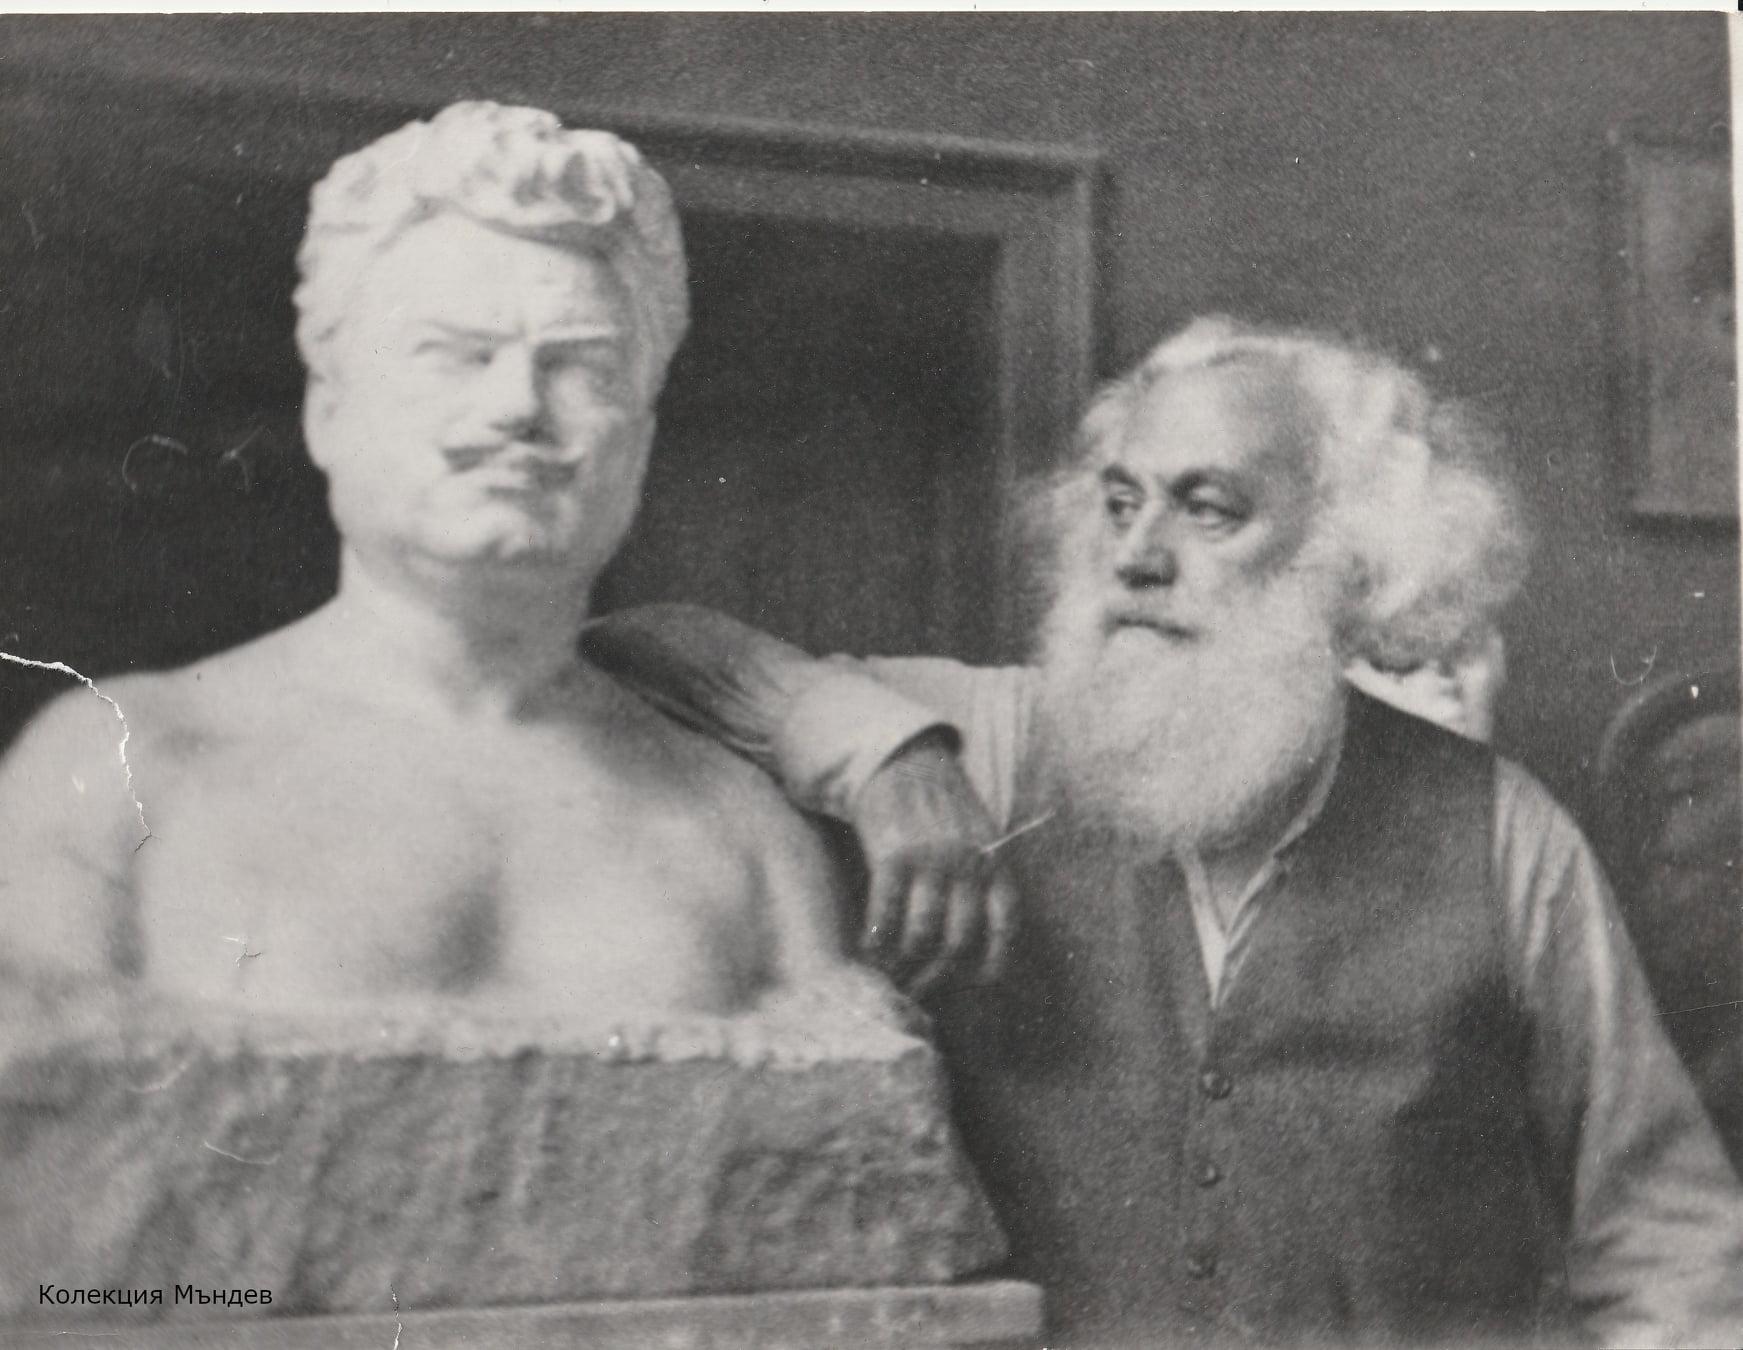 български скулптури - Андрей Николов